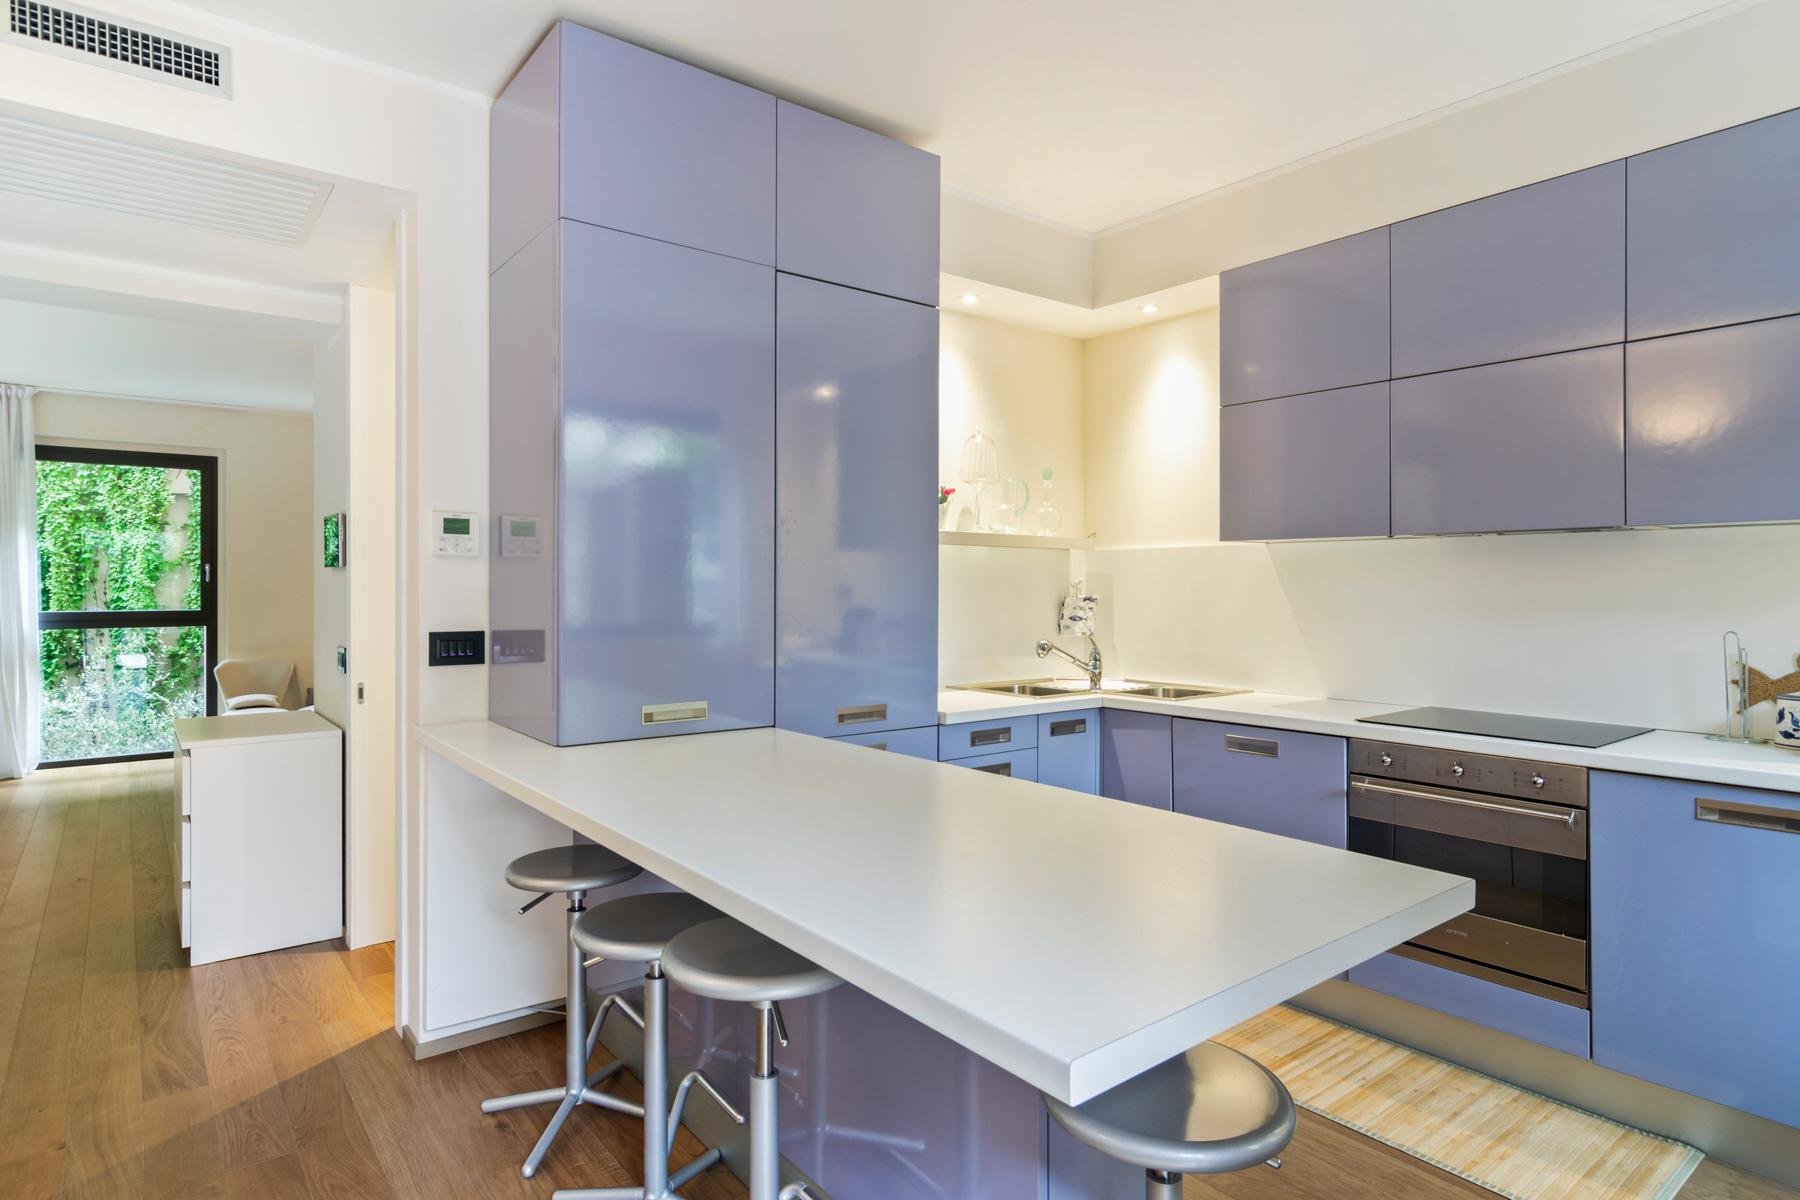 Appartamento in Vendita a Santa Margherita Ligure: 4 locali, 124 mq - Foto 7